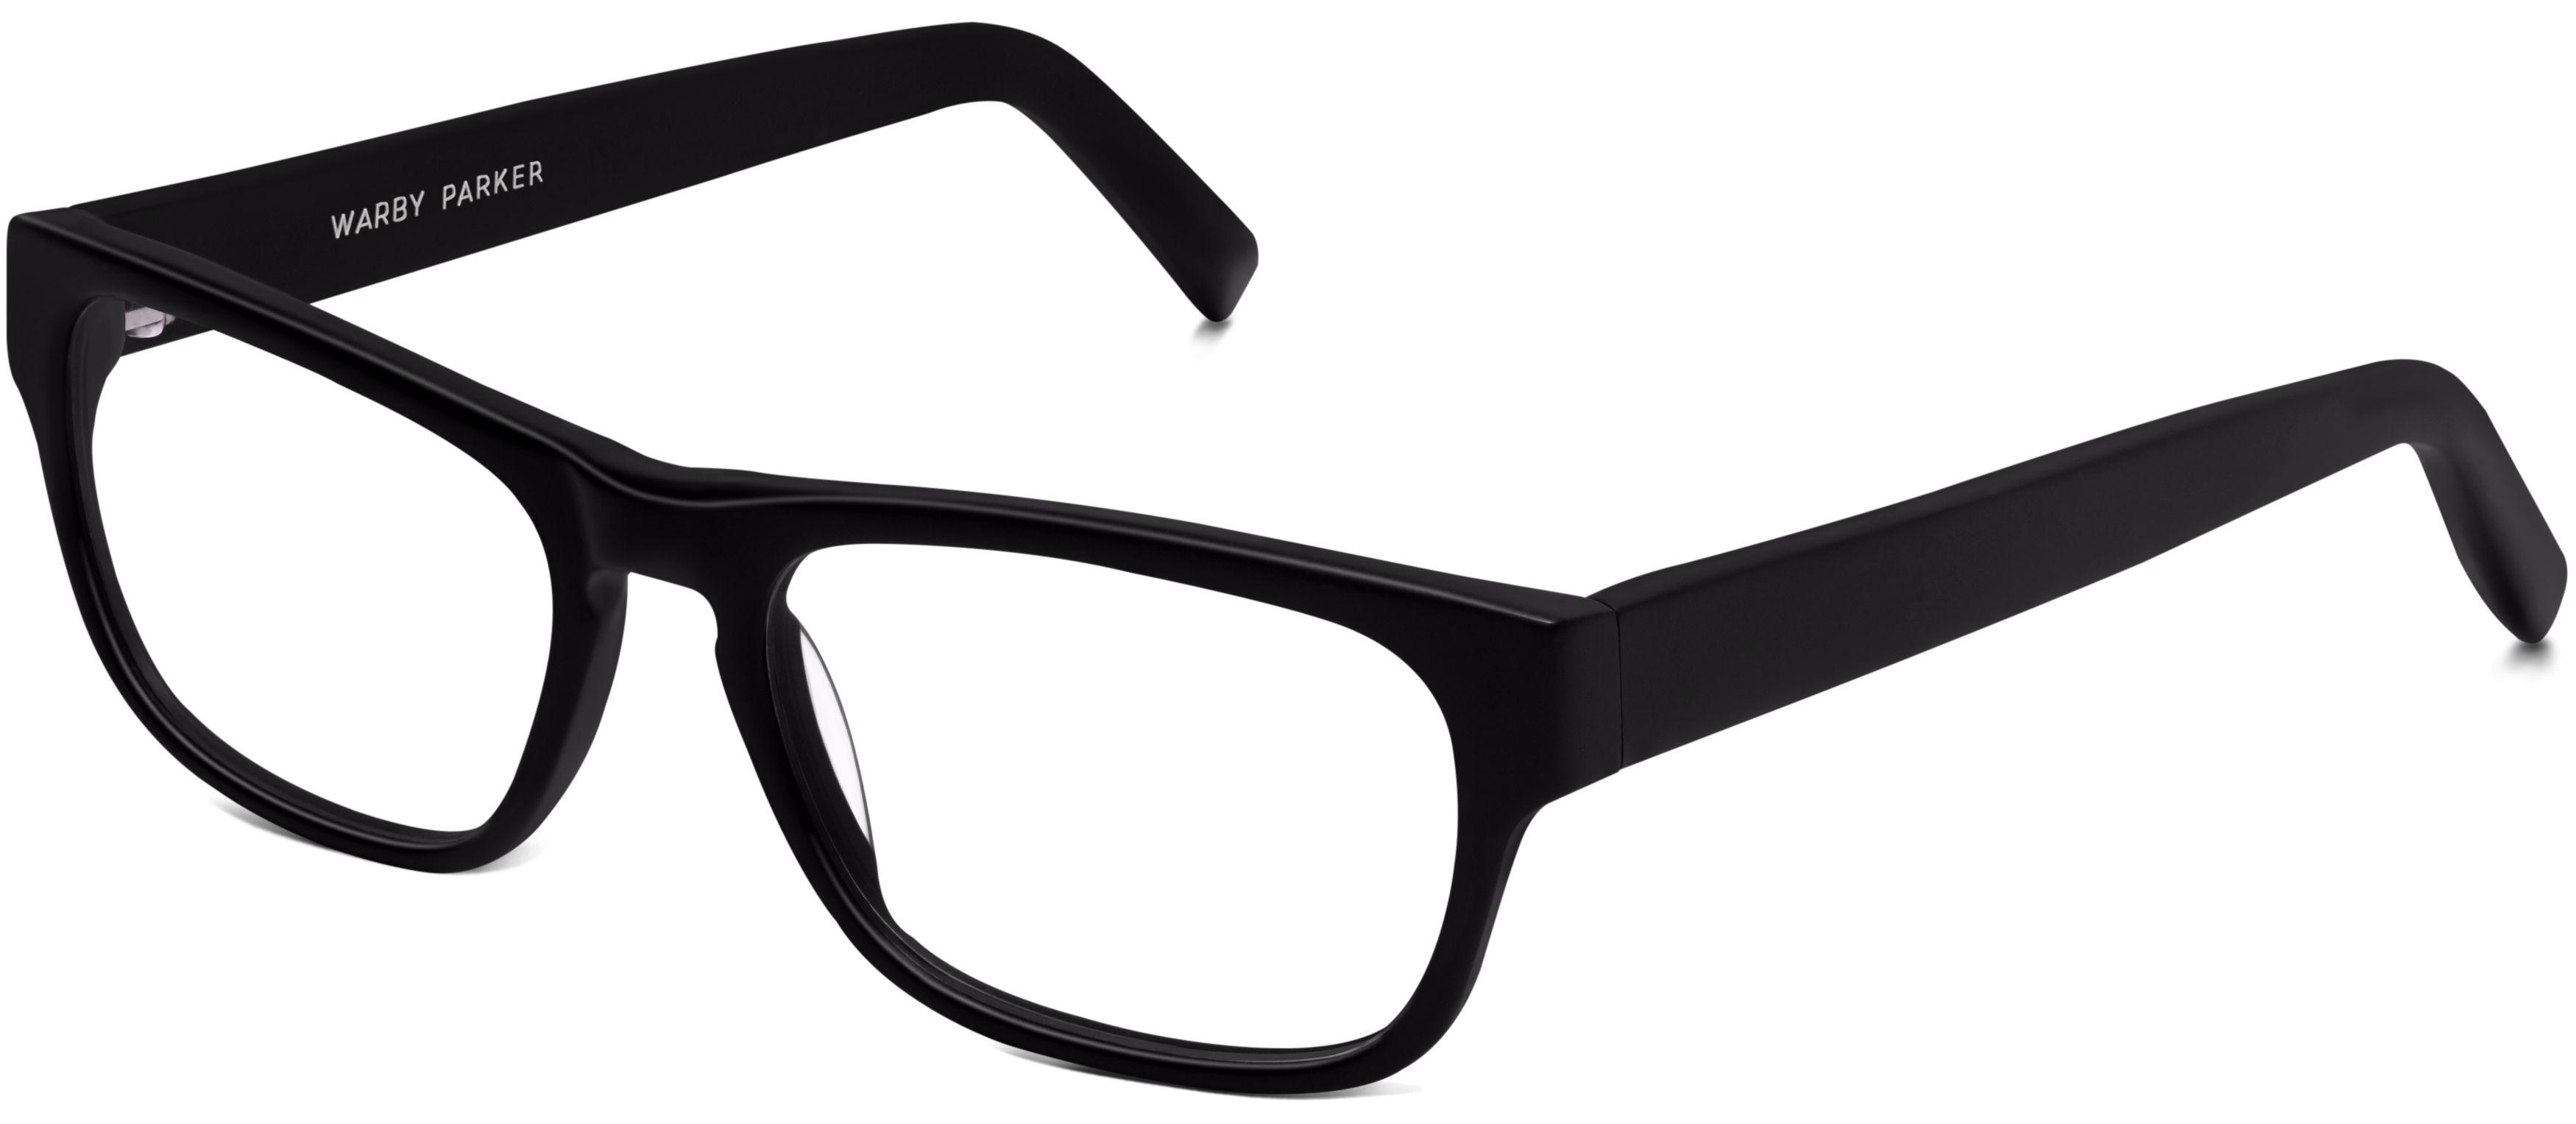 Roosevelt Eyeglasses In Jet Black Matte For Men Warby Parker